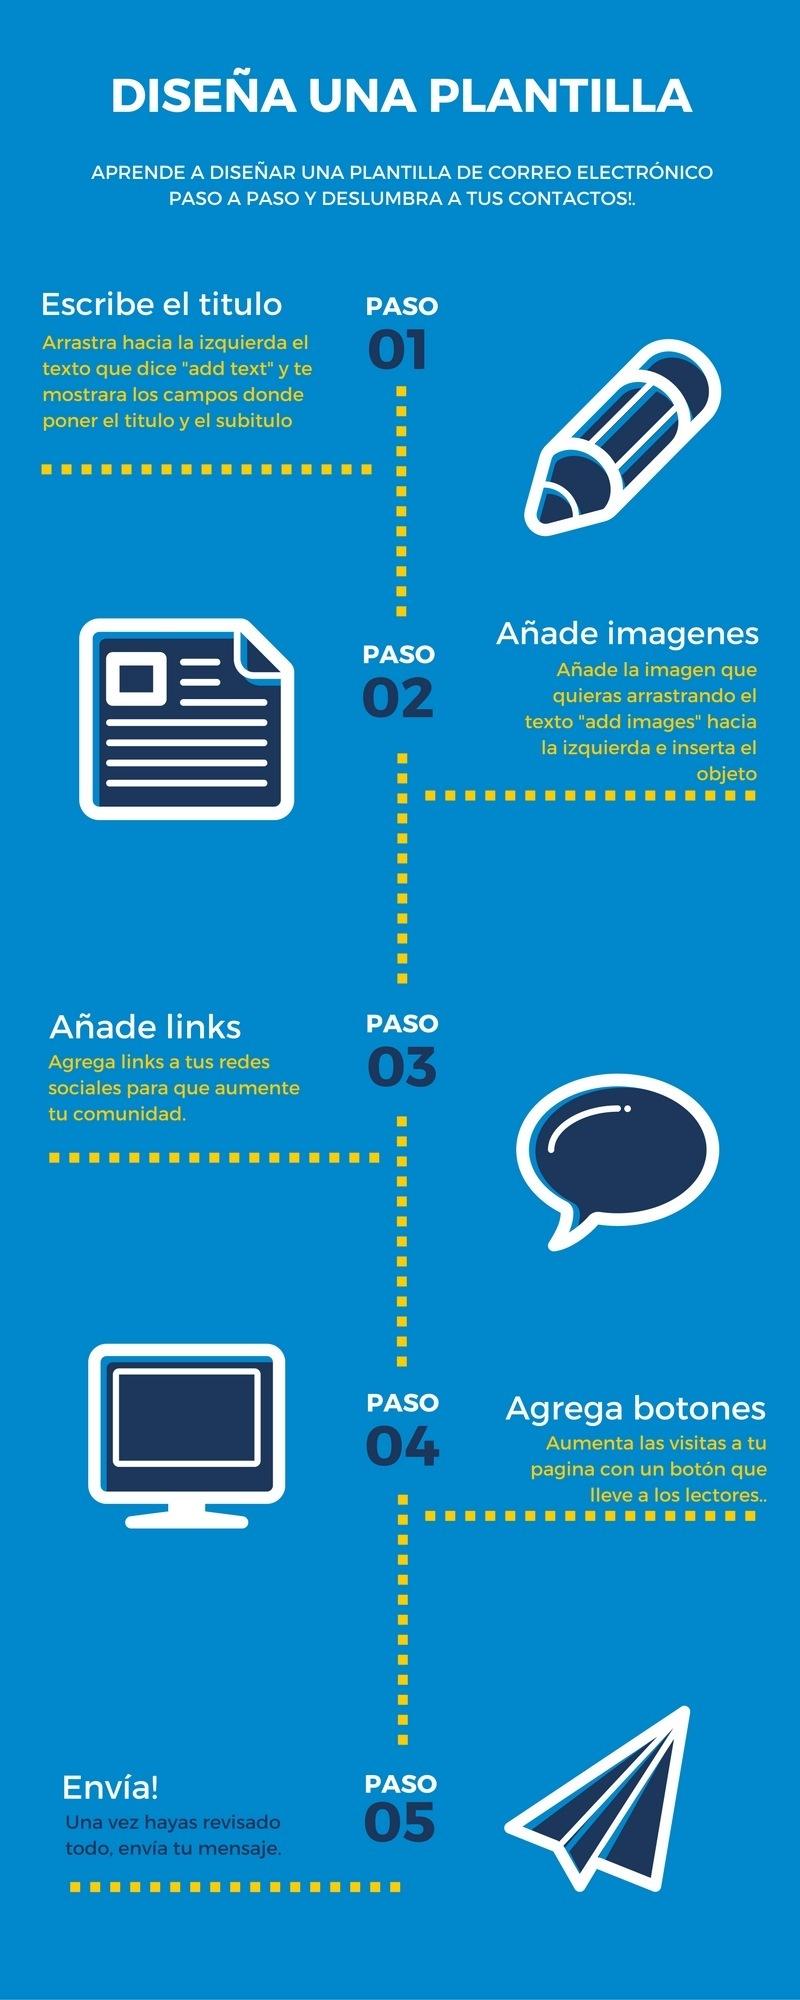 """5 beneficios de las infografias para tu estrategia de social mediaDISENA UNA PLANTILLA  APRENDE A DISENAR UNA PLANTILLA DE CORREO ELECTRONICO PASO A PASO Y DESLUMBRA A TUS CONTACTOS!  Escribe el titulo PASO  Arrastra hacia la izquierda el texto que dice """"add text"""" y te        mostrara los campos donde . IR RC RET = -. YY IIL I -. -. -. - -. M LJ ~ . Anade imagenes A PASO , Anade la imagen que quieras arrastrando el texto """"add images"""" hacia . la izquierda e inserta el ps SST) a sssssssssssssssss M M M M M M M M M Anade links PASO Agrega links a tus redes sociales para que aumente tu comunidad -. . sssssssssssssssns 4 . . . . . . . . . .  Ll Agrega EE  Aumenta las v      pagina con un b:  - leve a los lectores. [EERE RN RN RNR NN NNN     Envia! PASO"""